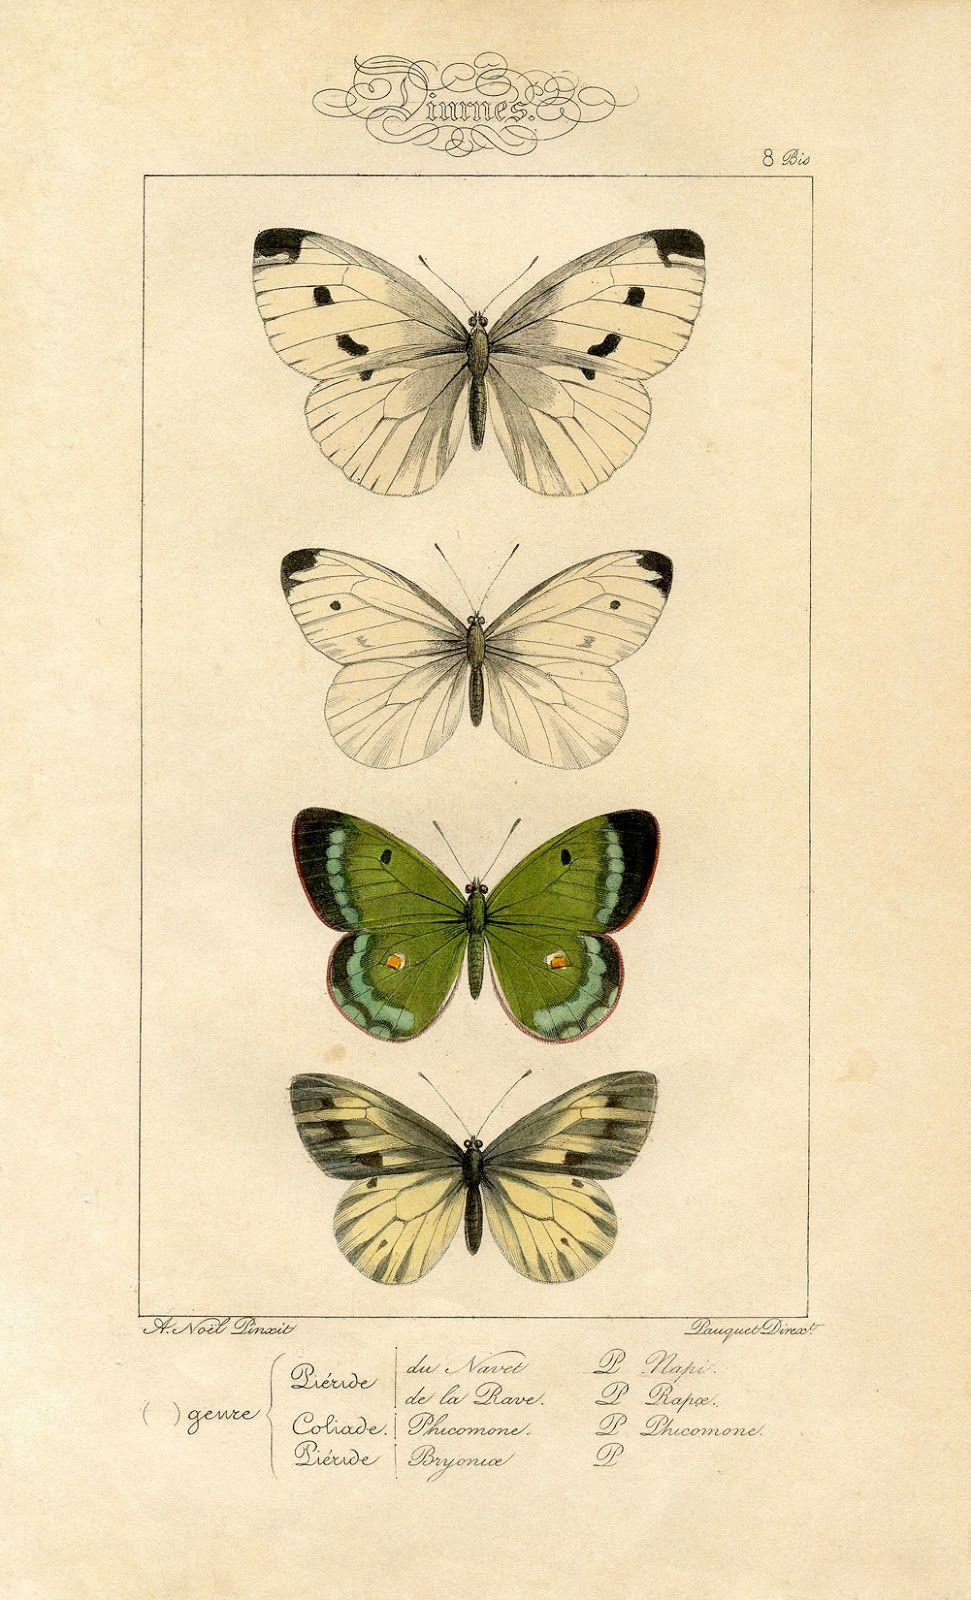 Natural History Printable Image - Moths - Butterflies | Natural ...